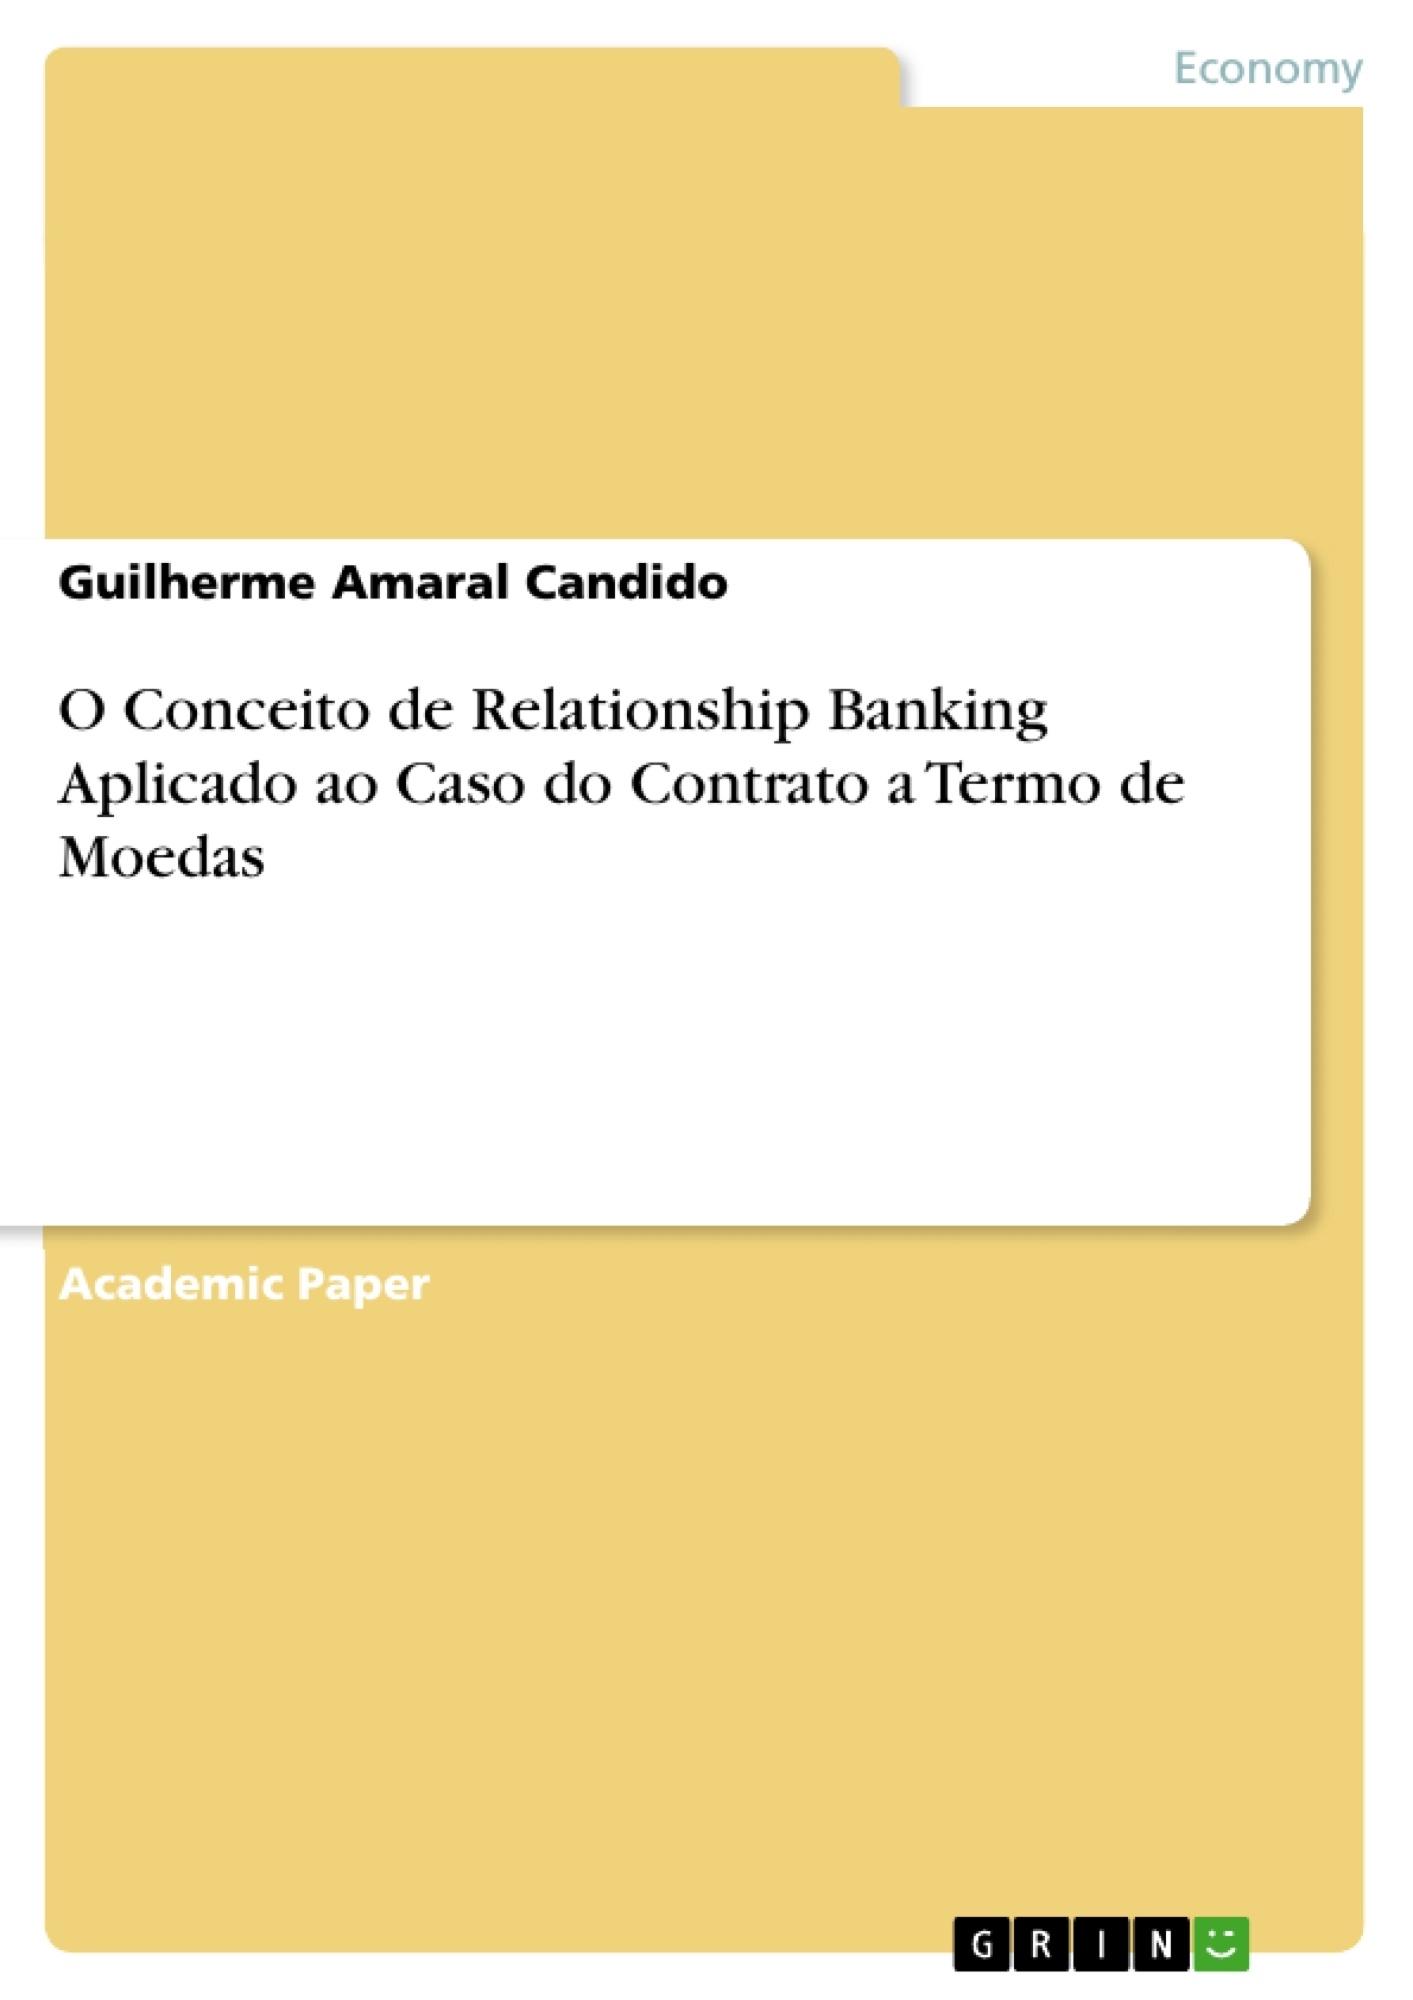 Title: O Conceito de Relationship Banking Aplicado ao Caso do Contrato a Termo de Moedas